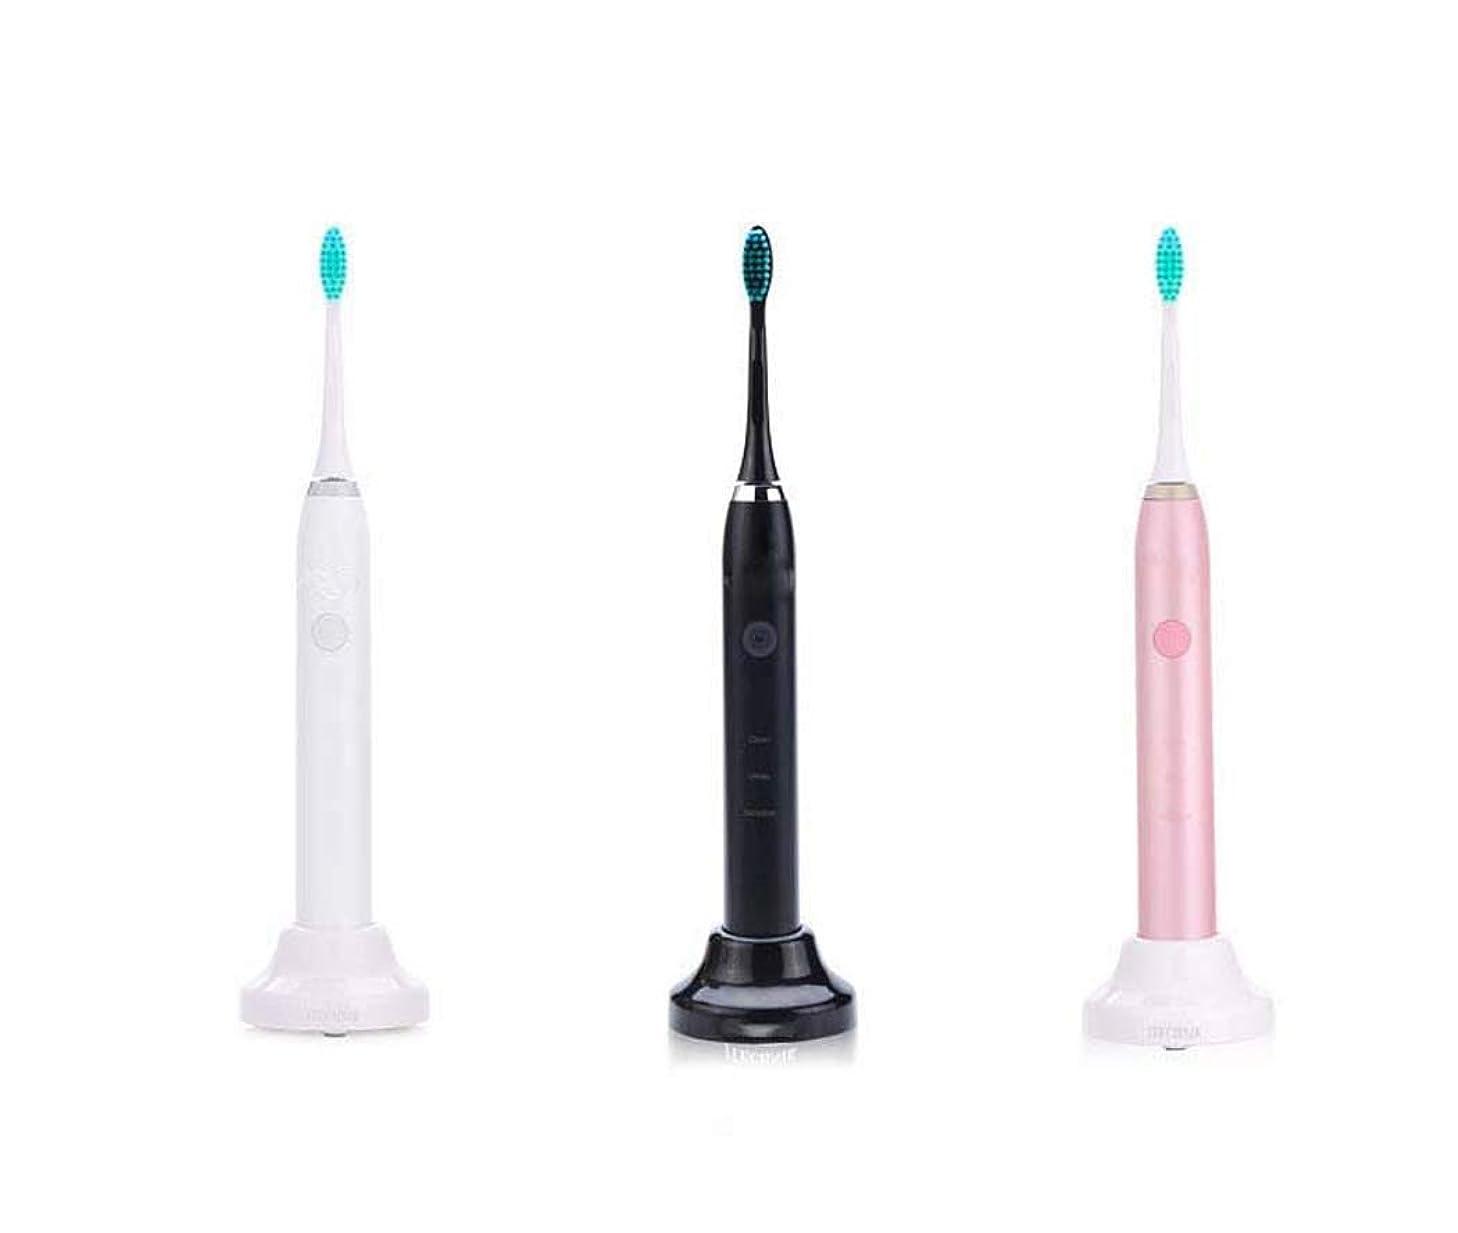 時計心配前置詞Lectric歯ブラシ、誘導充電式歯ブラシ、充電式ソニック自動歯ブラシ、インテリジェントタイミングチェンジエリアリマインド、ミュート防水(カラー:ブラック)